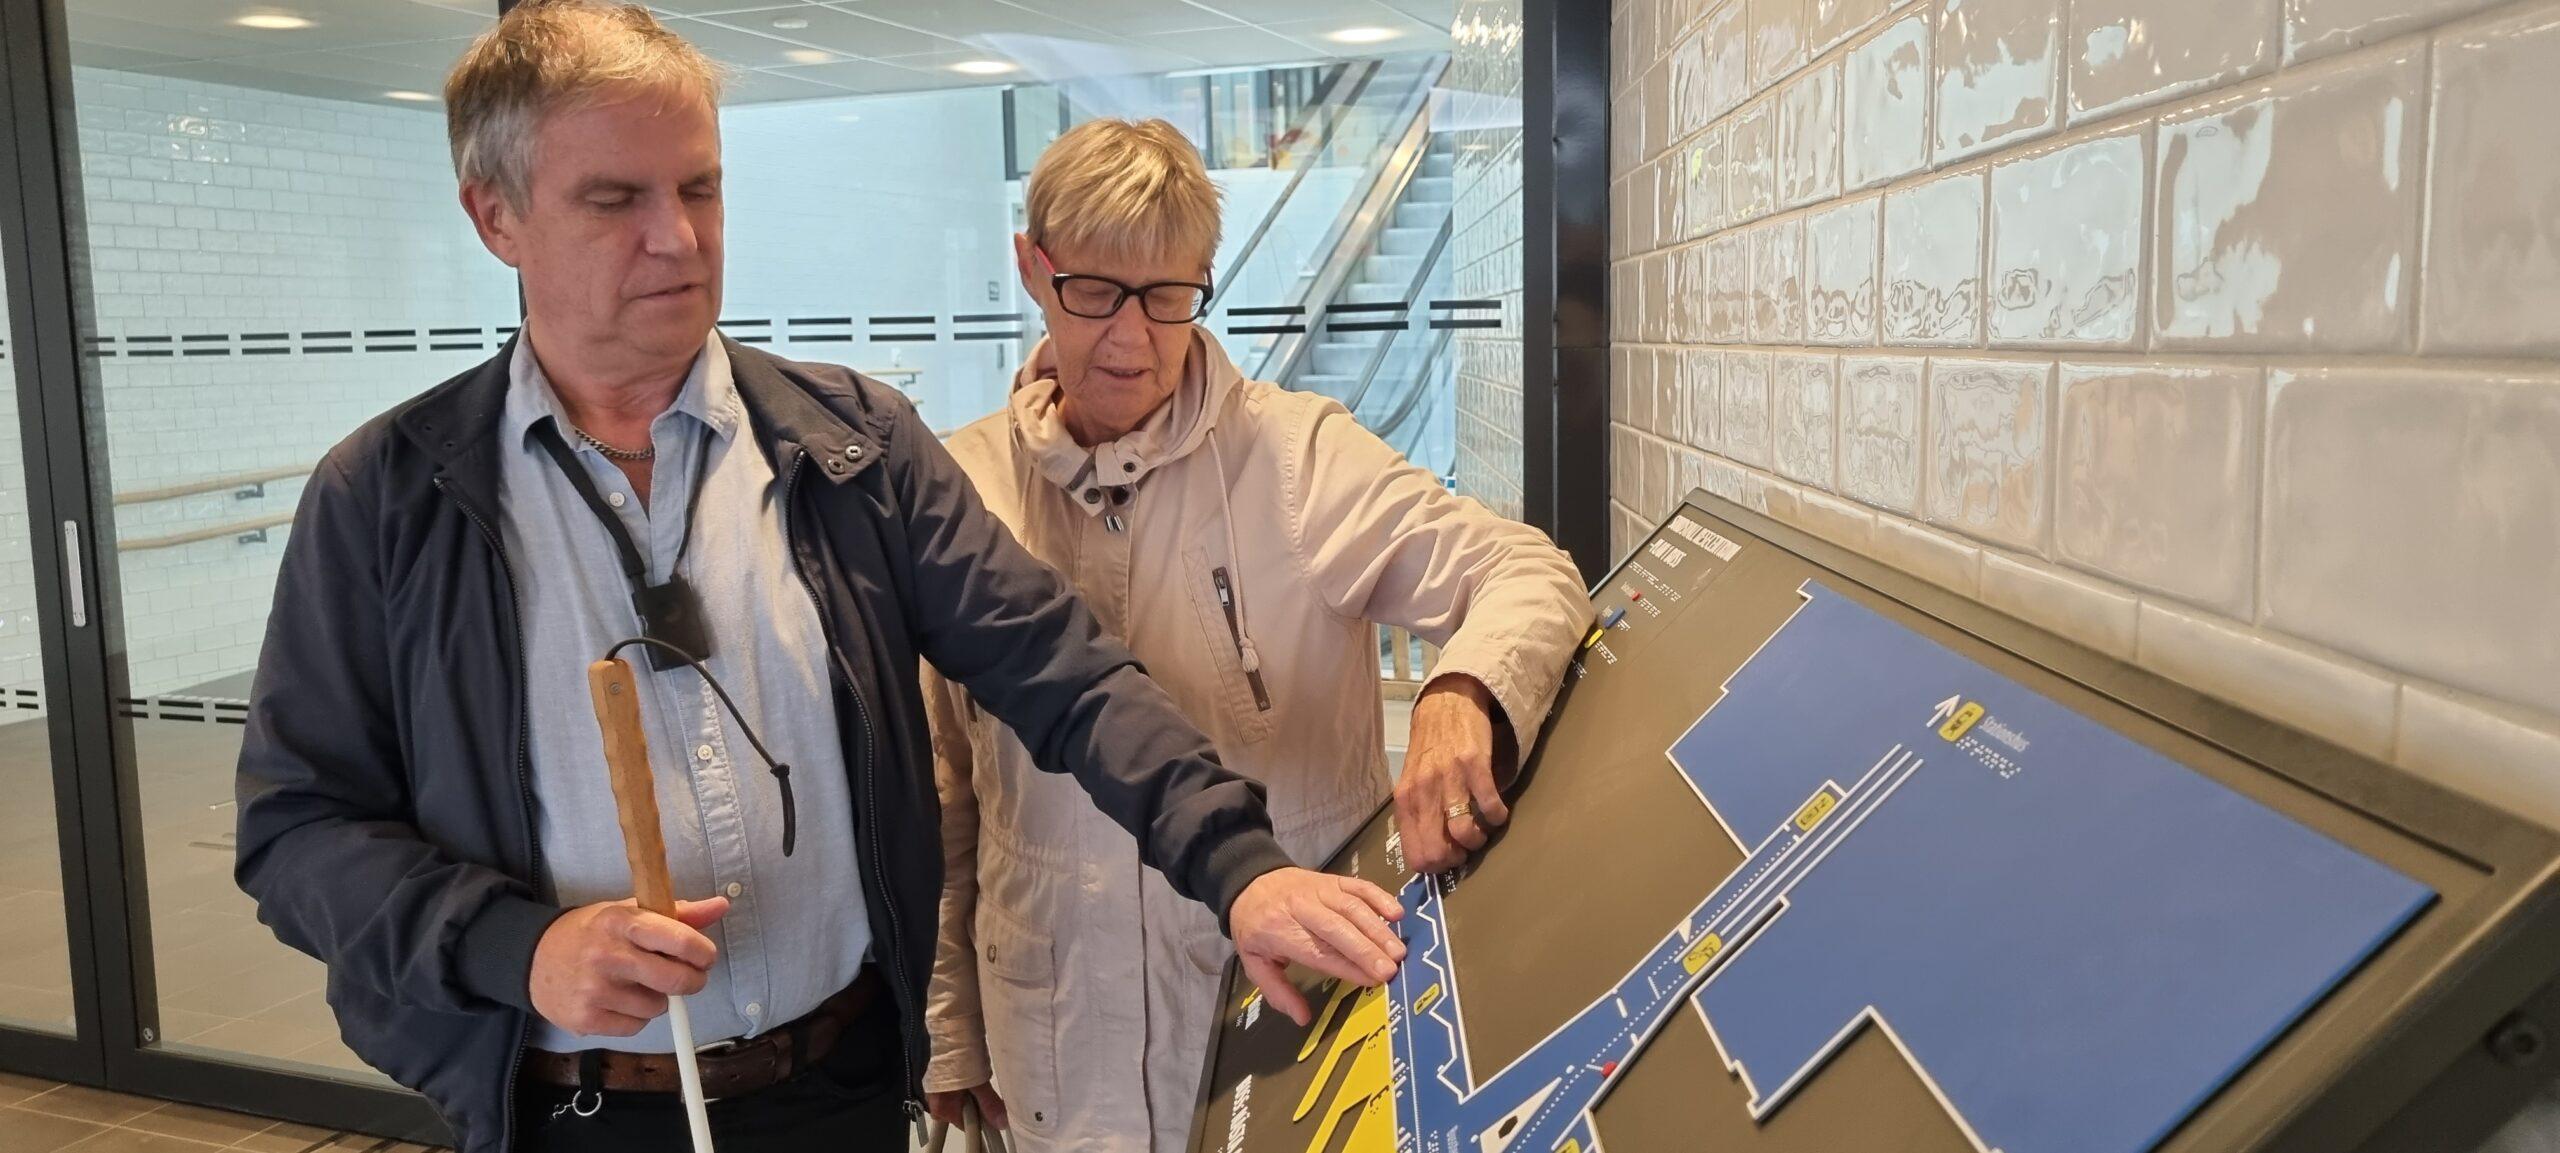 Leif och Marie-Louise känner med fingertopparna på den taktila informationskartan som är gul och blå